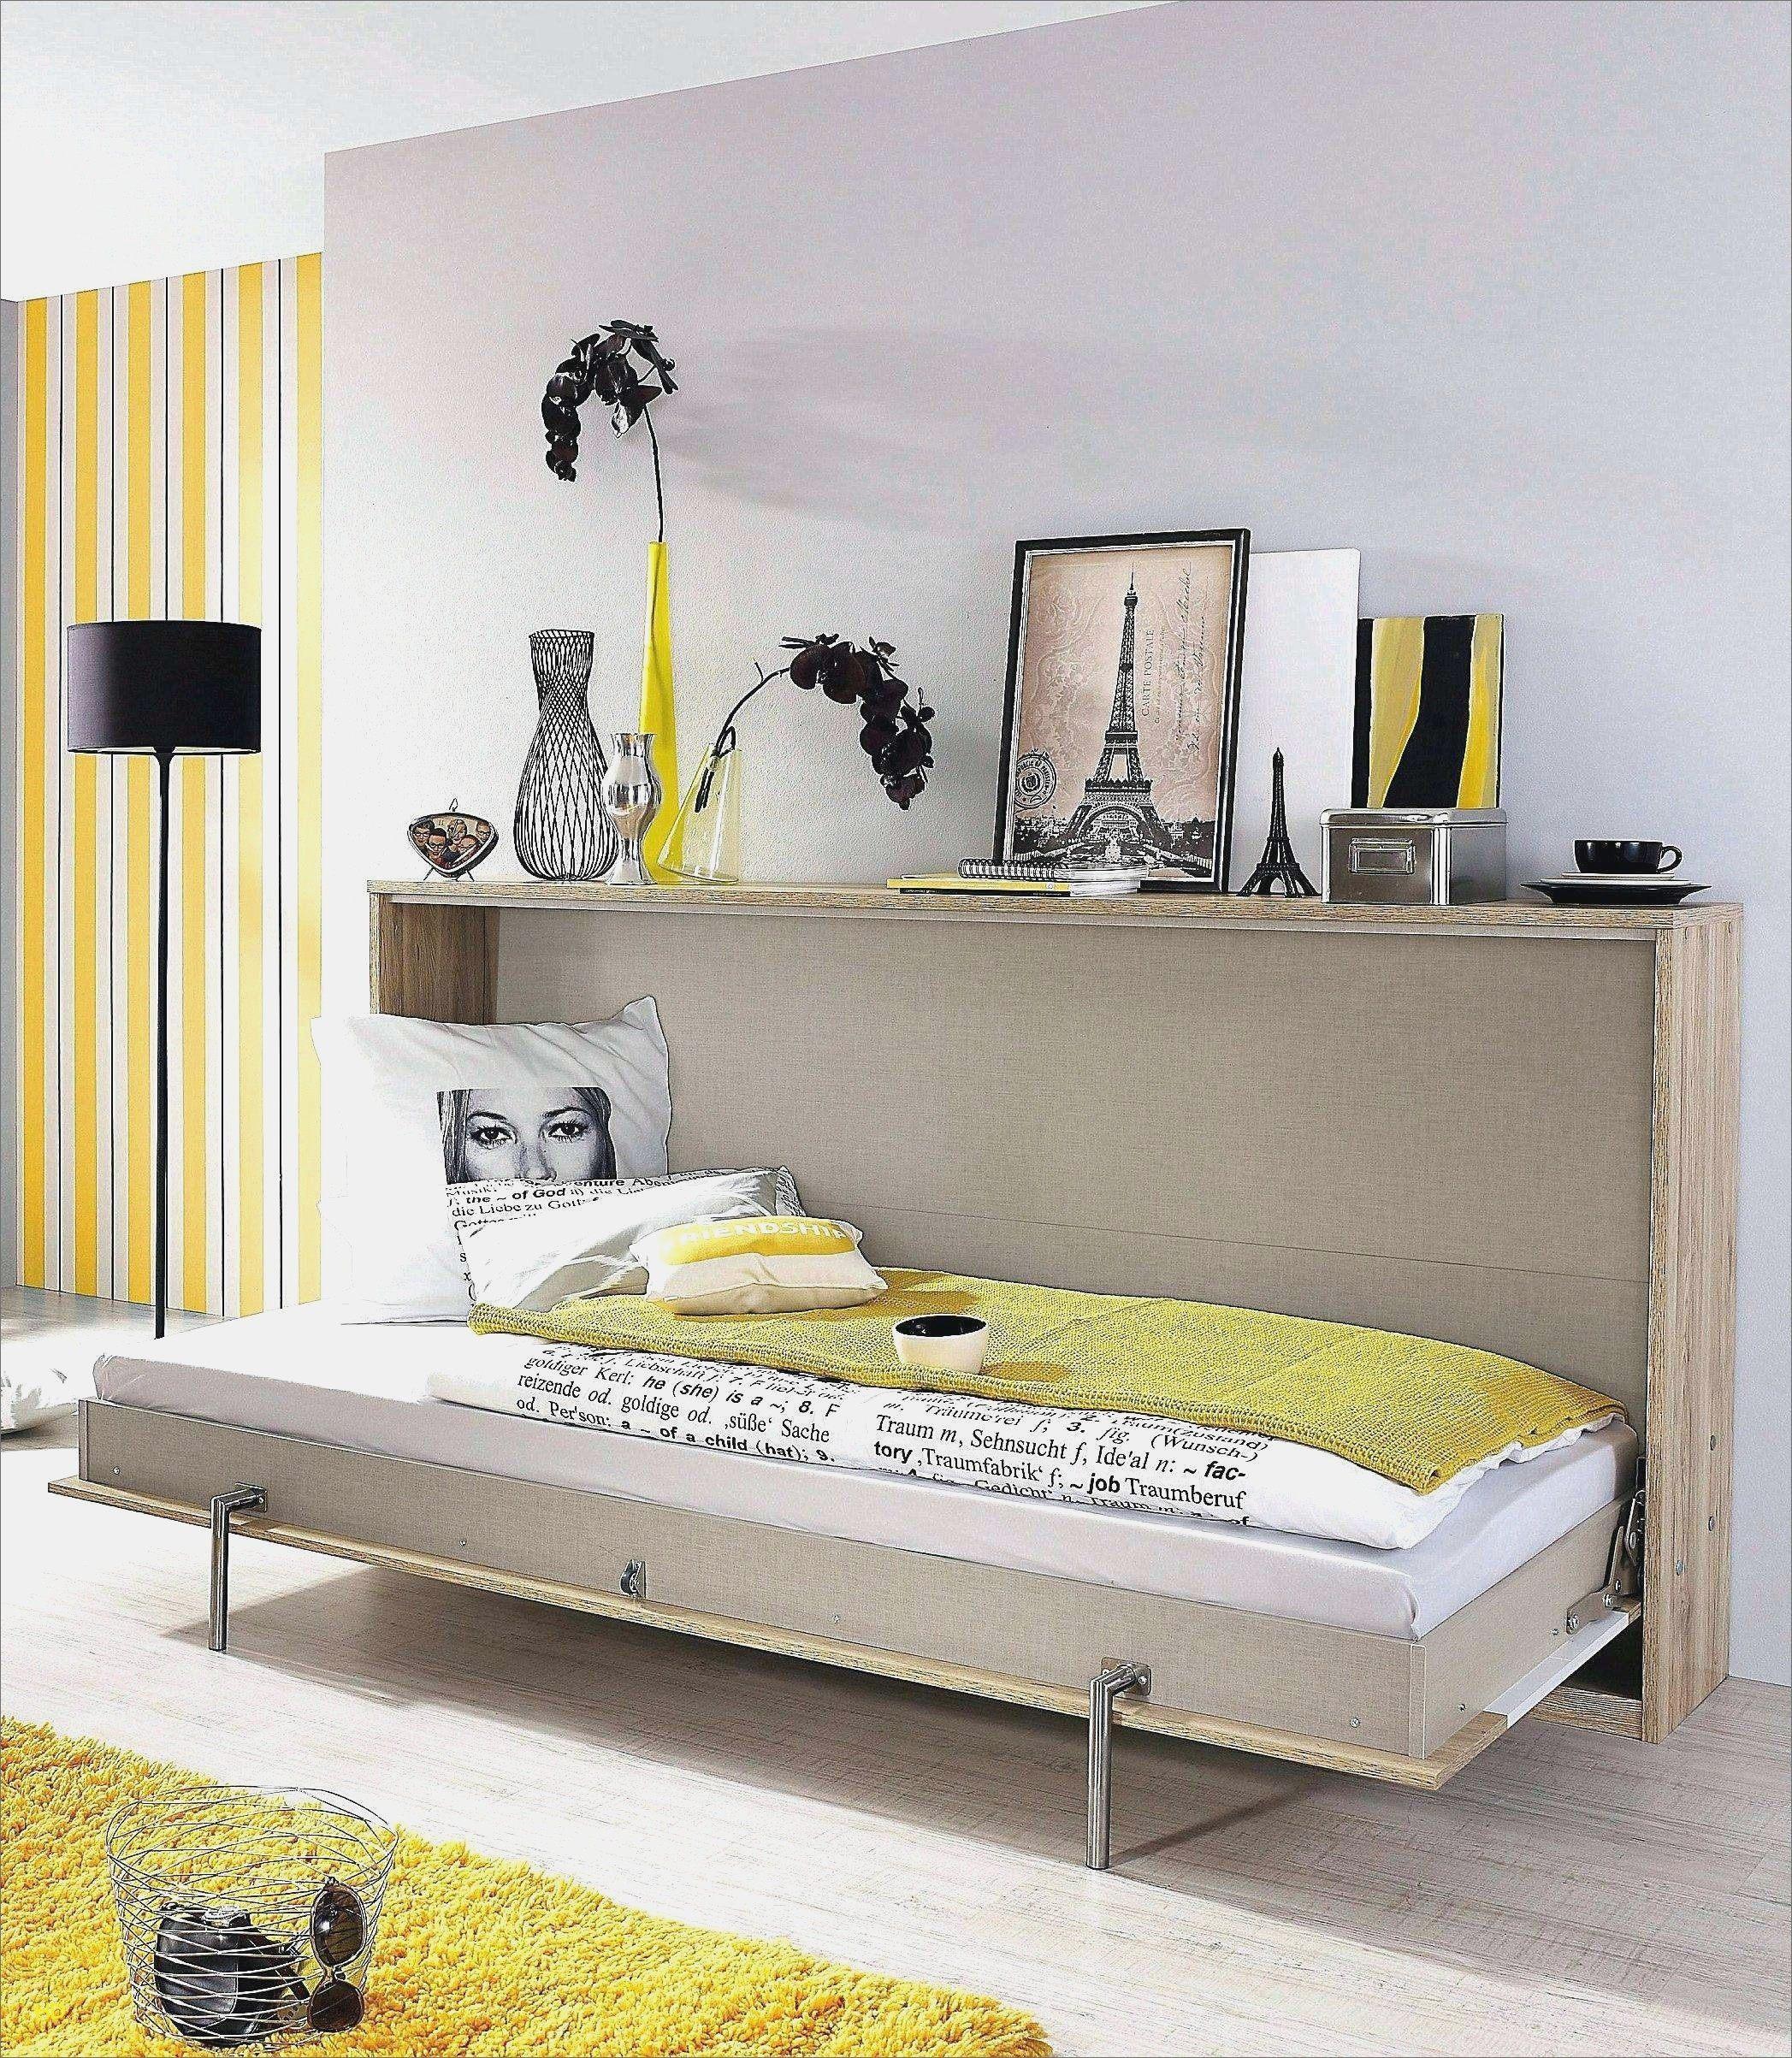 Lit Deux Places Pas Cher Bel Bz 1 Place Pas Cher Luxe Lit Convertible 2 Places Ikea Ikea Lit